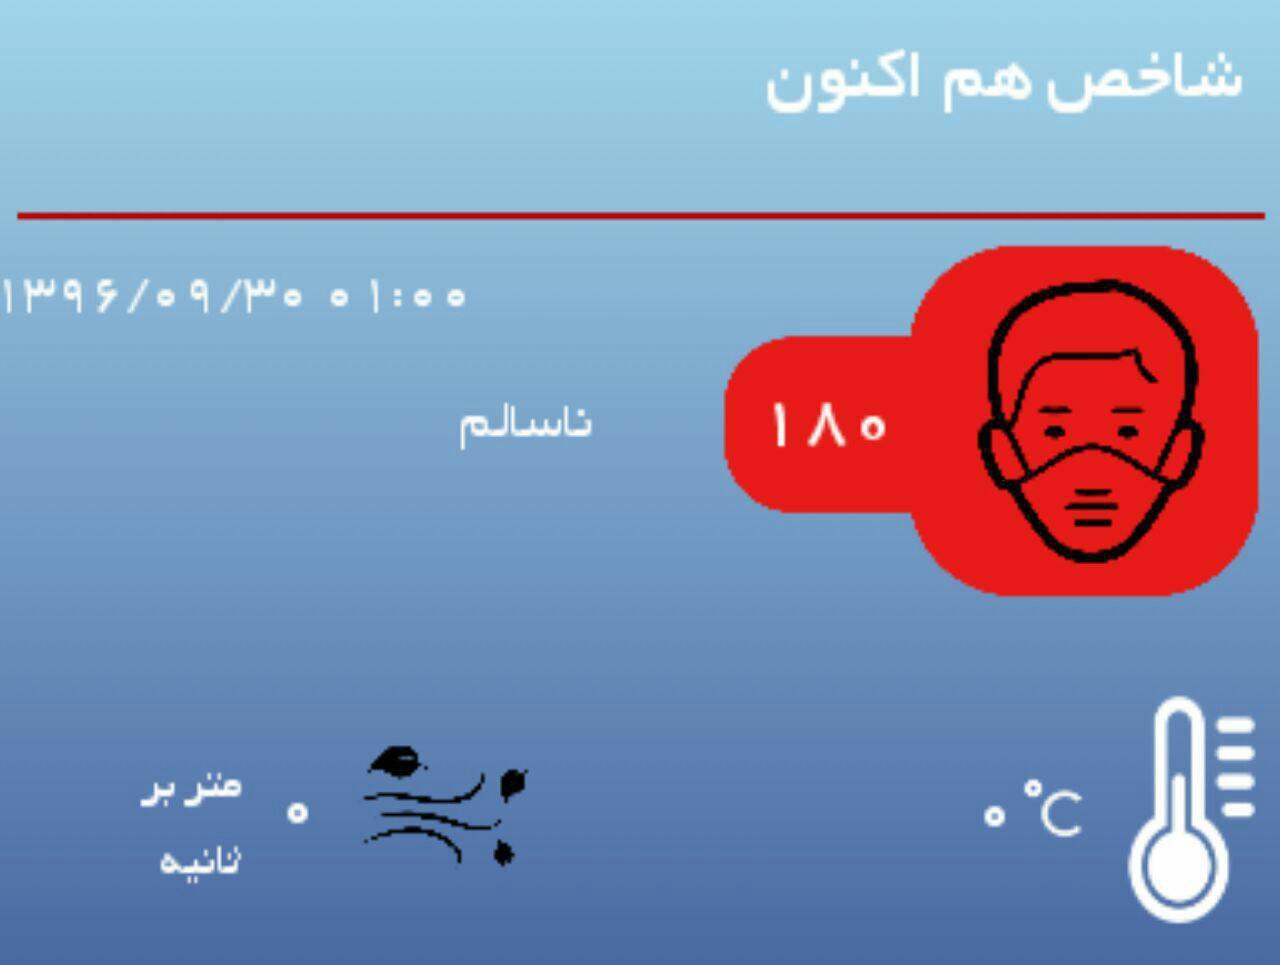 شاخص آلودگی هوای تهران در وضعیت ناسالم قرار گرفت.